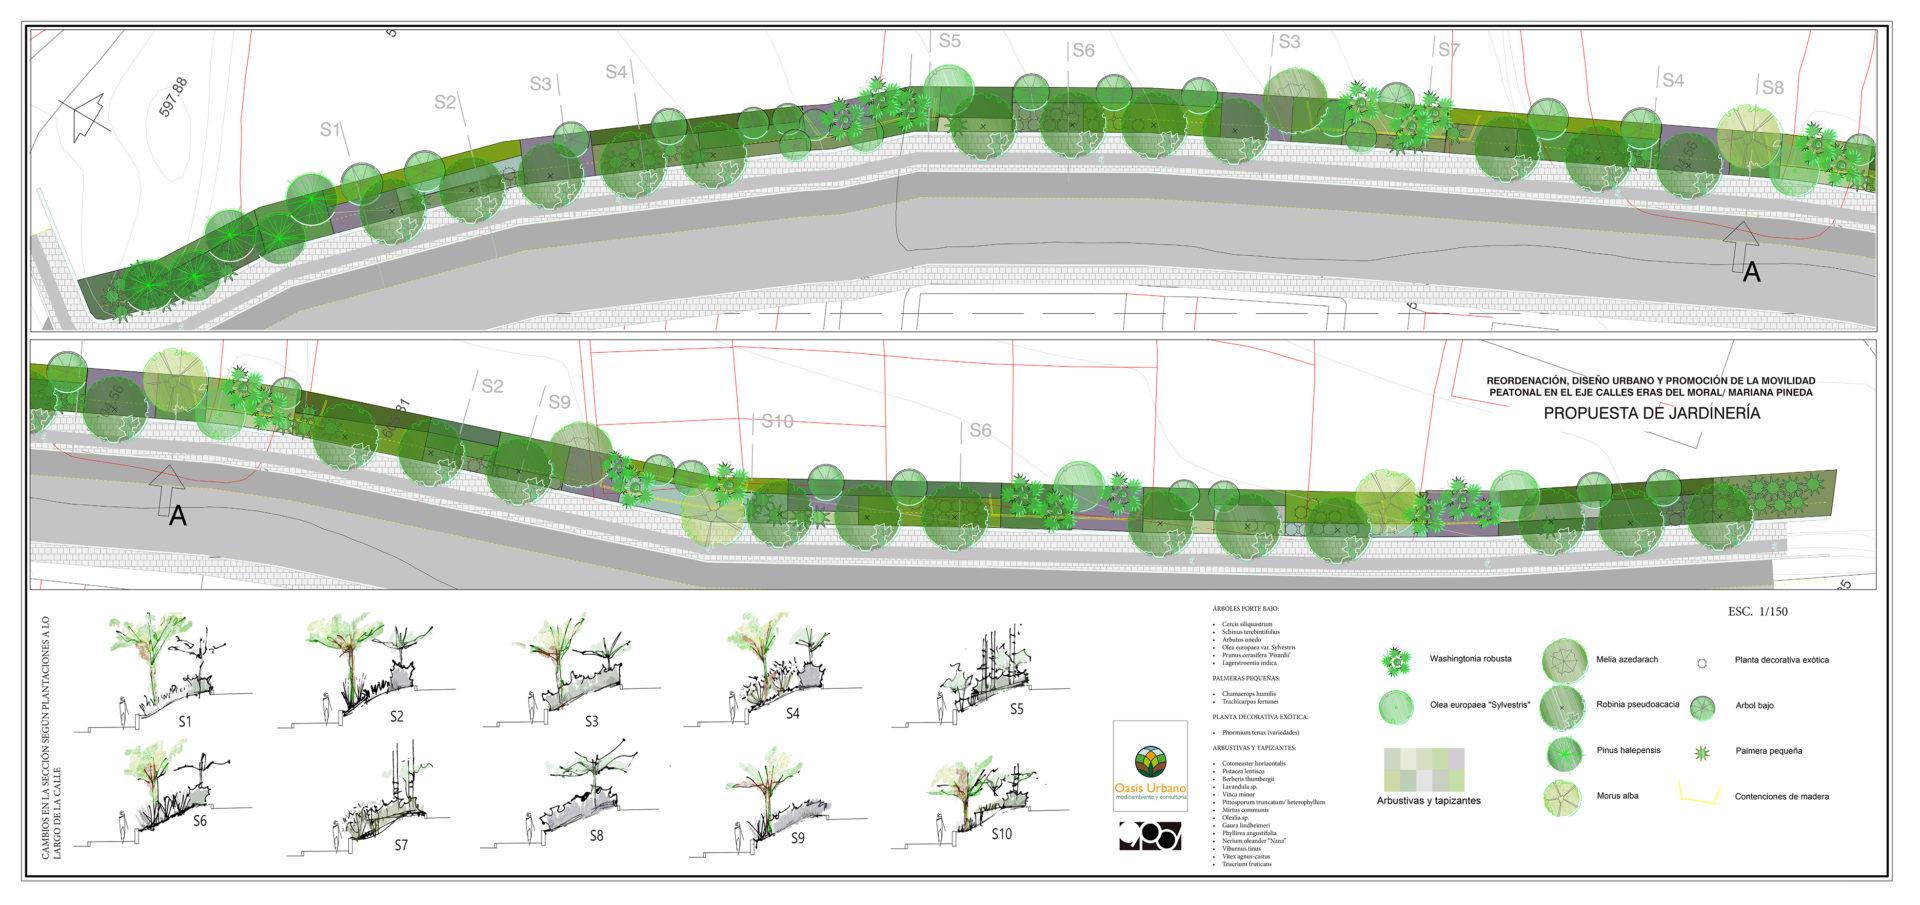 Proyecto jardinería pública